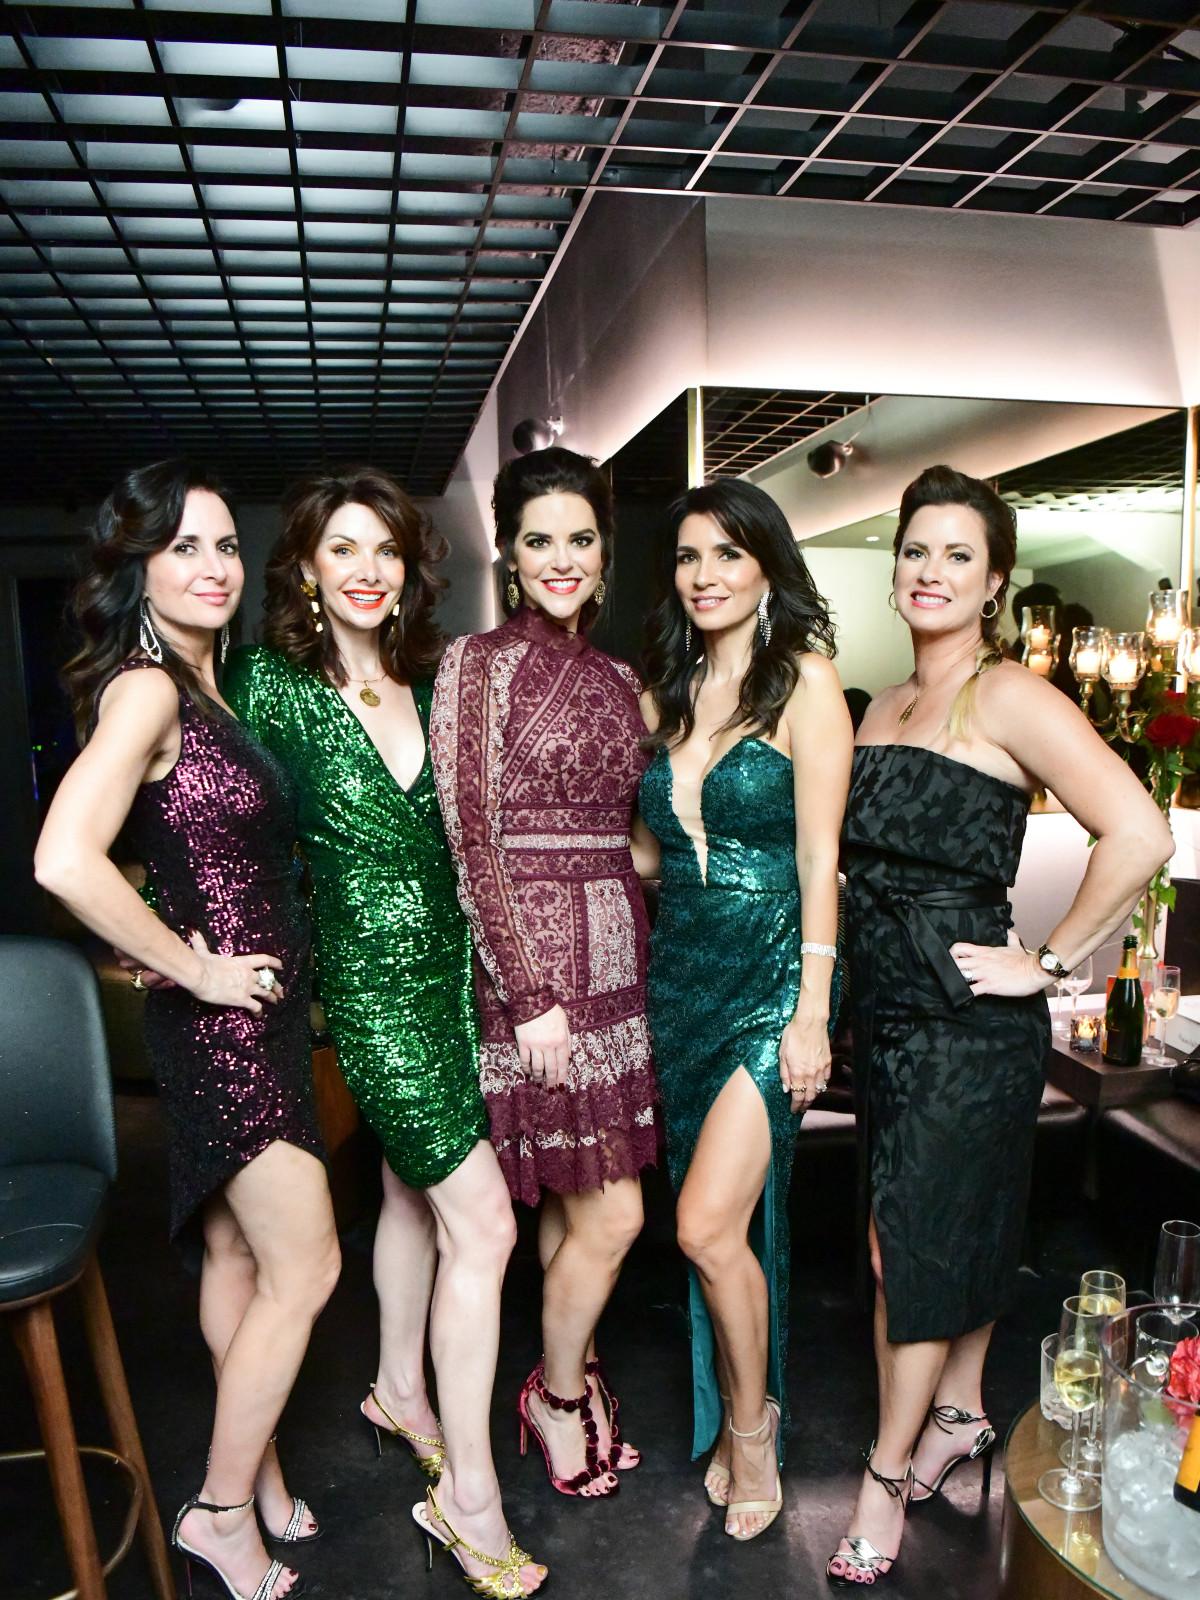 Una Notte 2019 Jennifer Grigsby, Marla Hurley, Ann Ayre, Maya Fasthoff, Christi Rawls